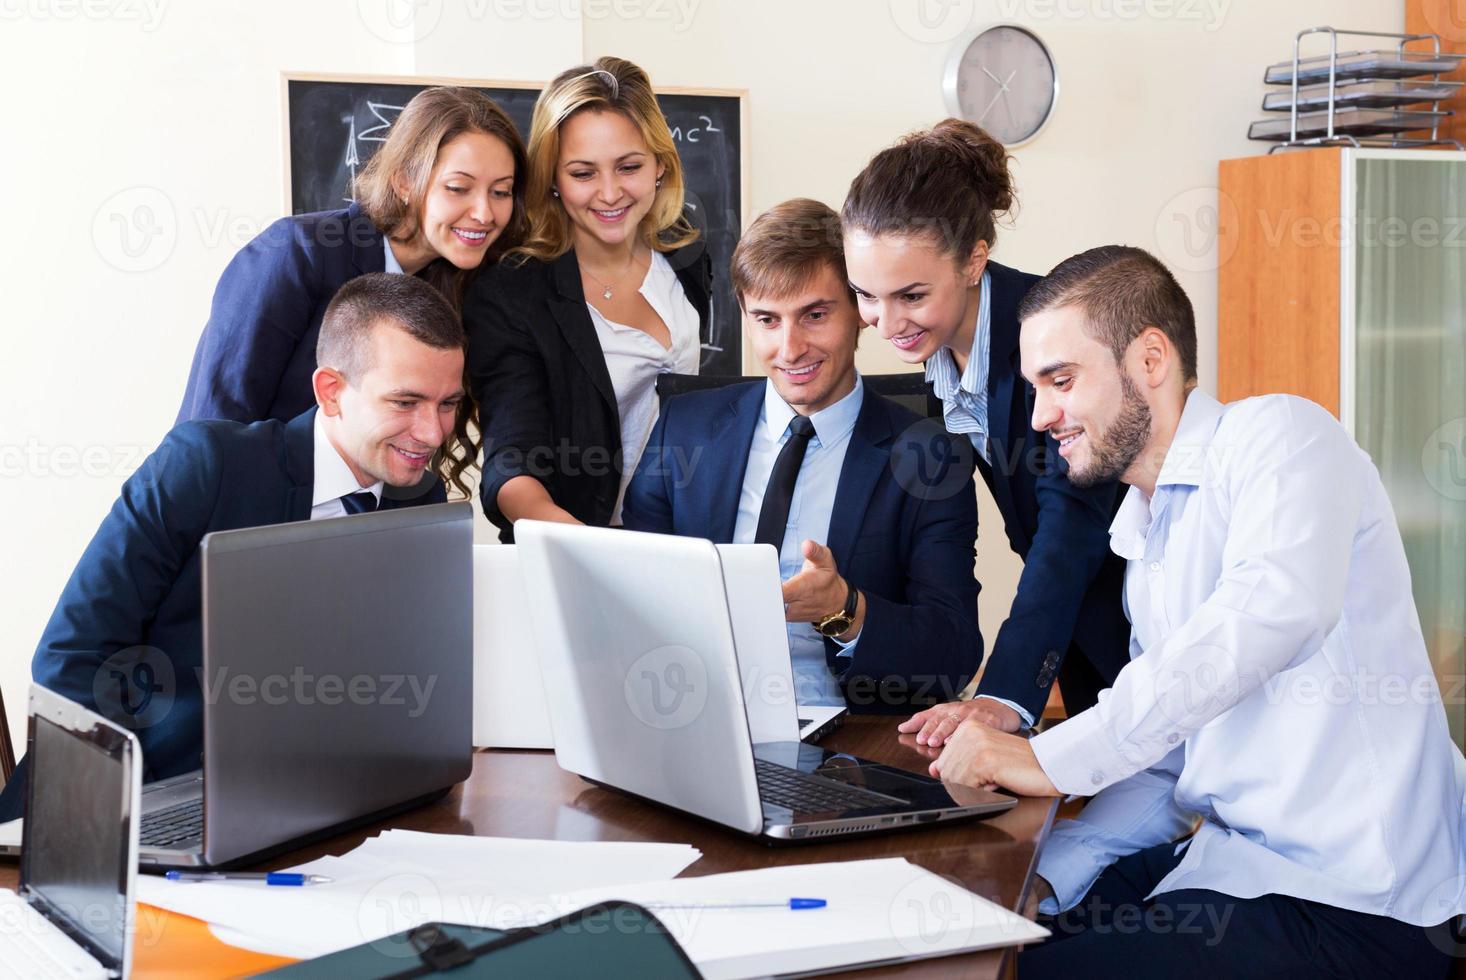 capo con i funzionari subordinati a discutere foto